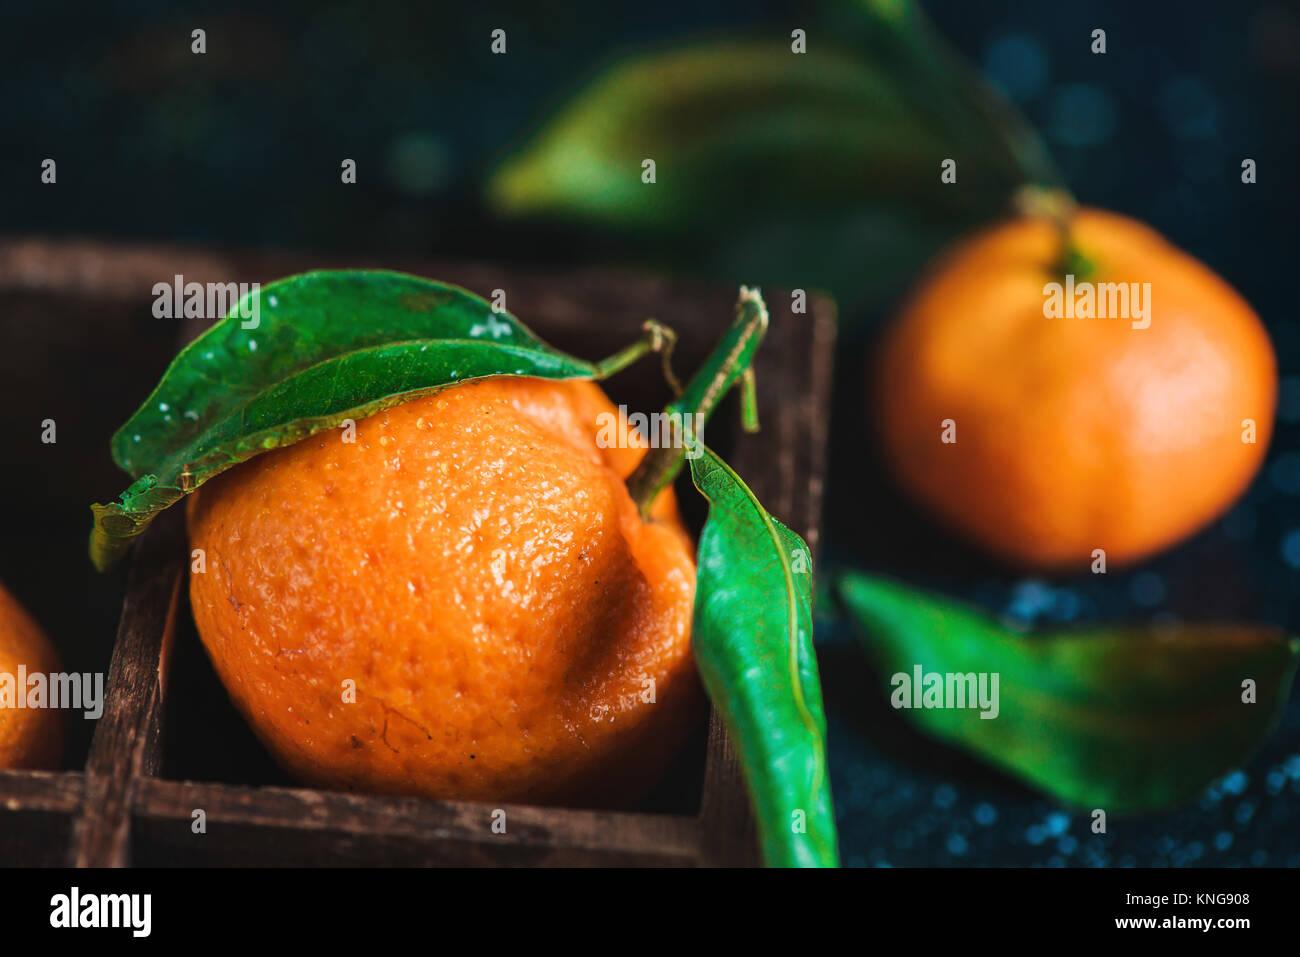 Close-up de mandarines dans un coffret en bois sur un fond sombre. Gouttes d'eau sur une surface. La photographie Photo Stock